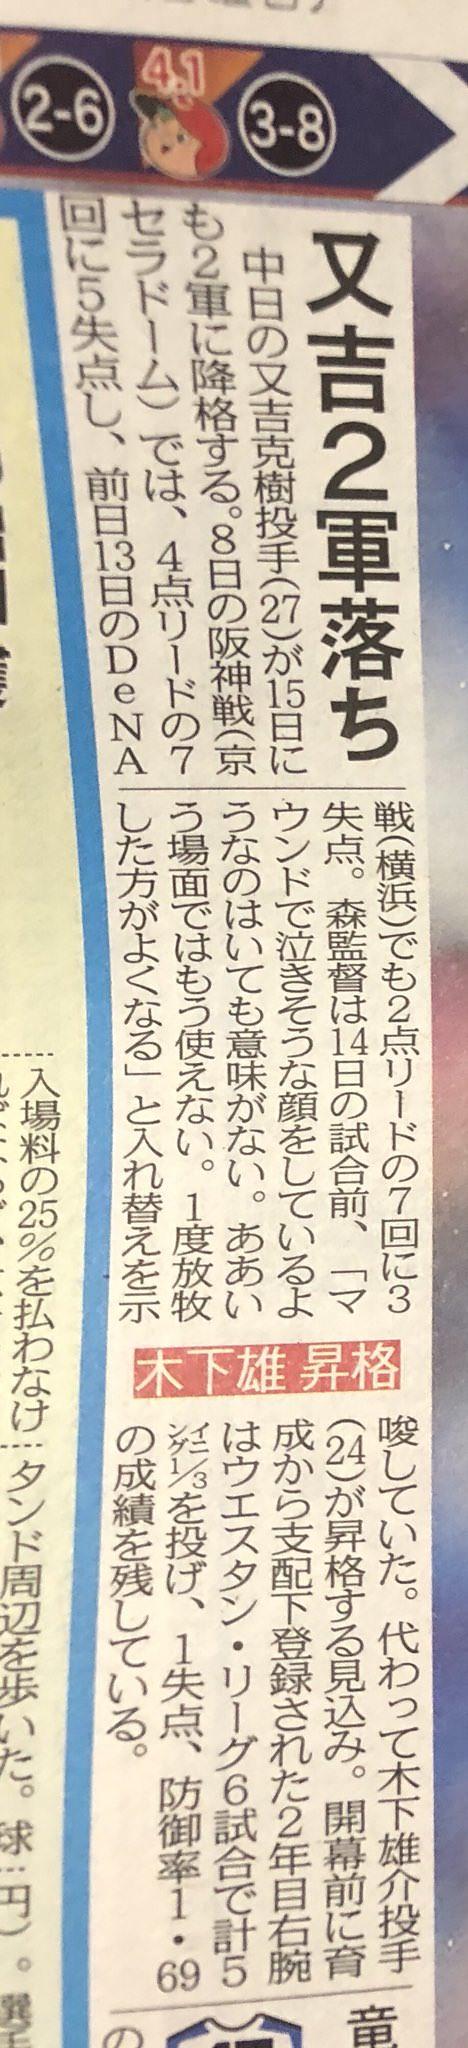 【悲報】中日又吉2軍落ち